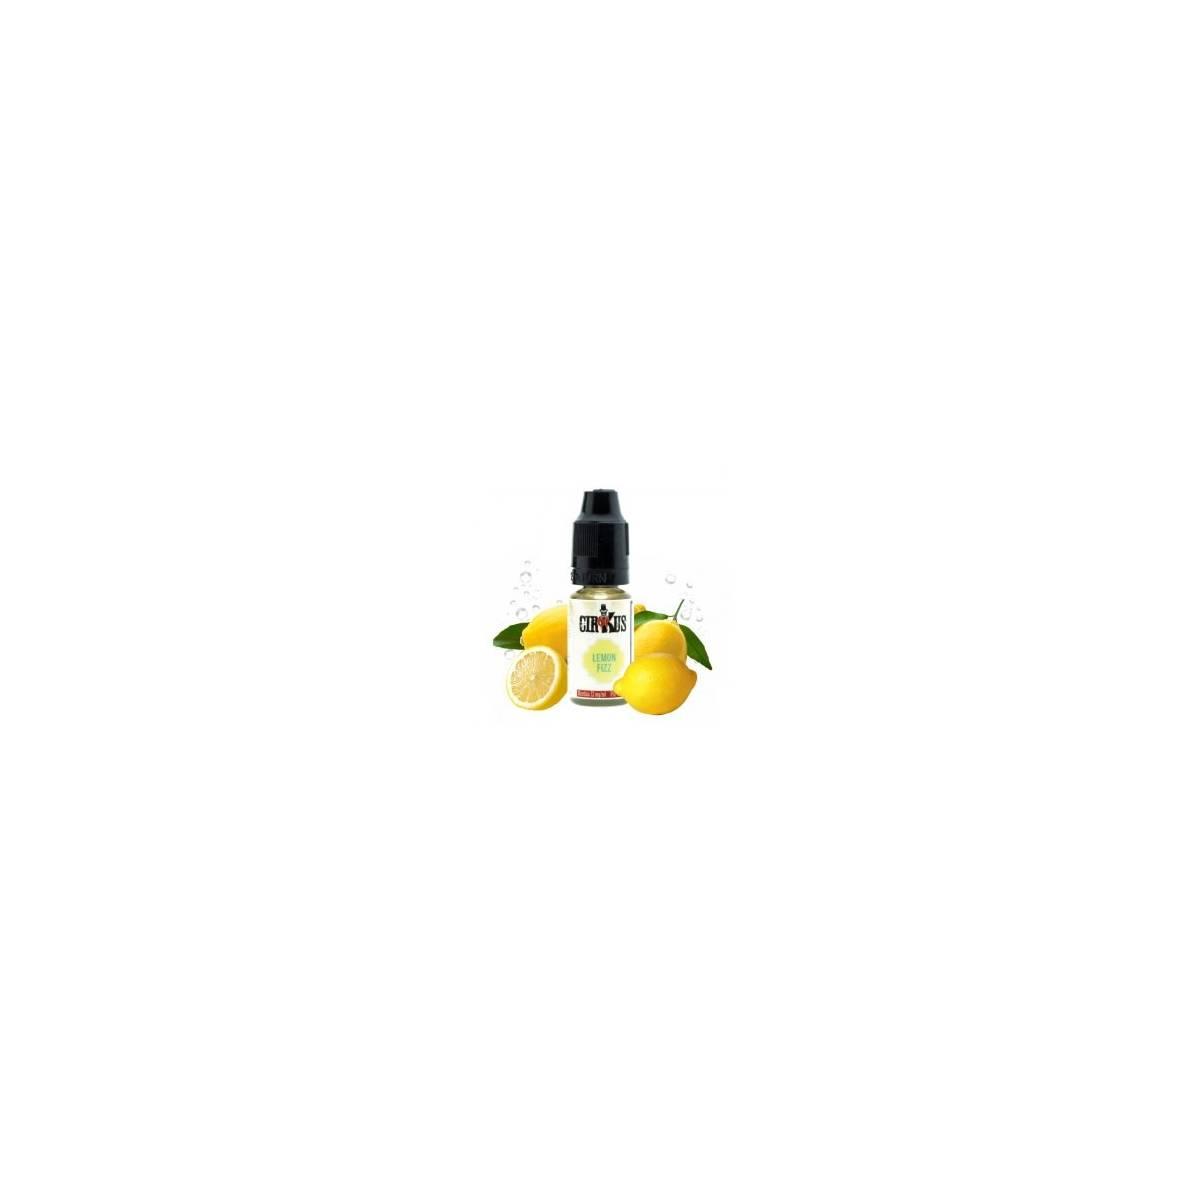 Lemon Fizz 10ml TPD - Cirkus